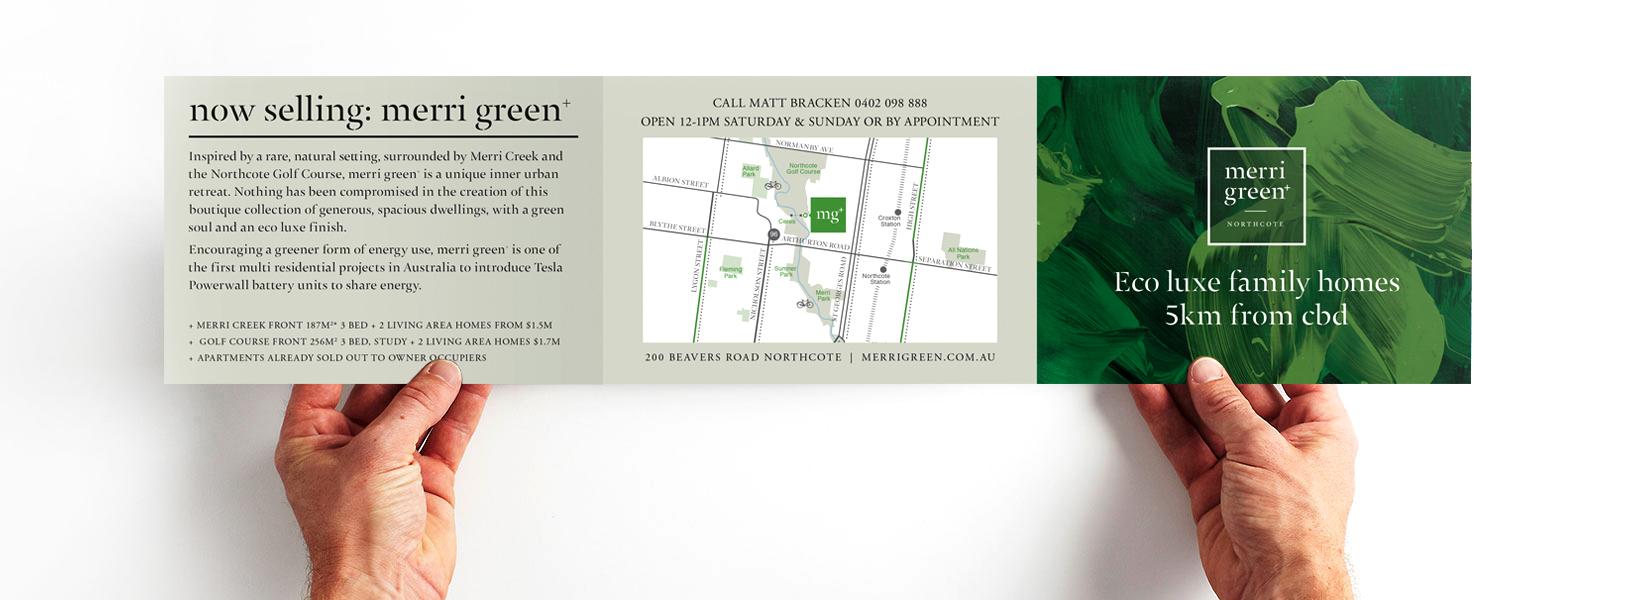 Merri Green branding by Chamberlain Architects